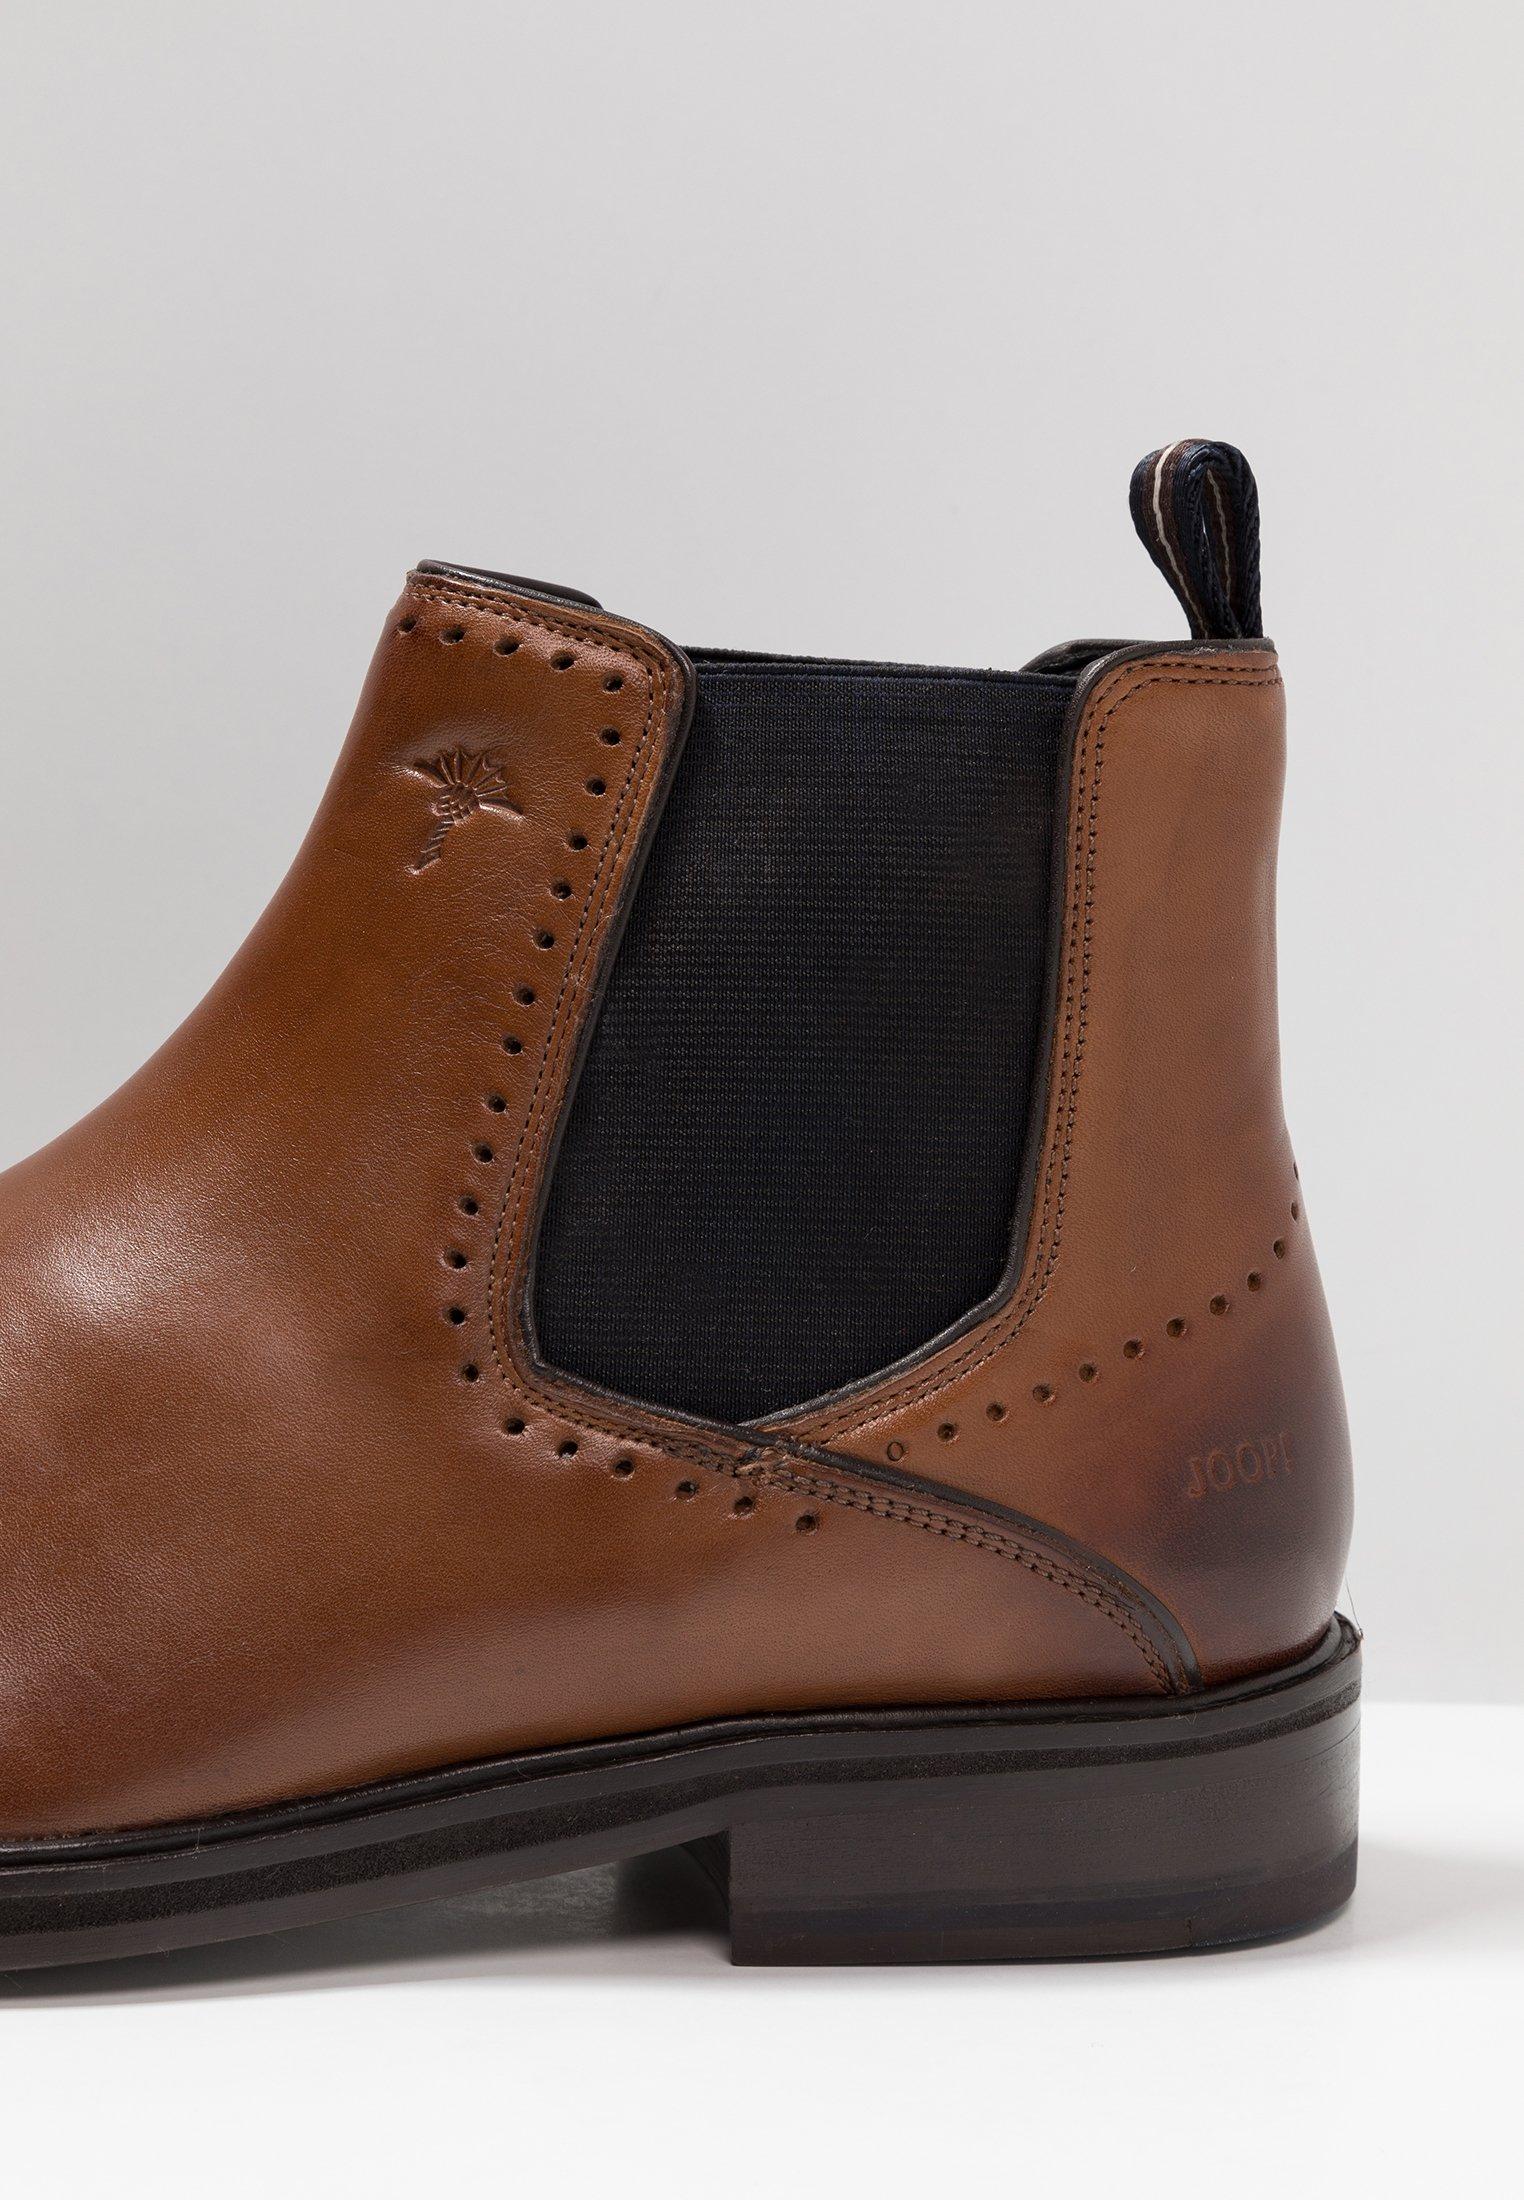 Joop! Kleitos Chelsea Boots - Bottines Cognac